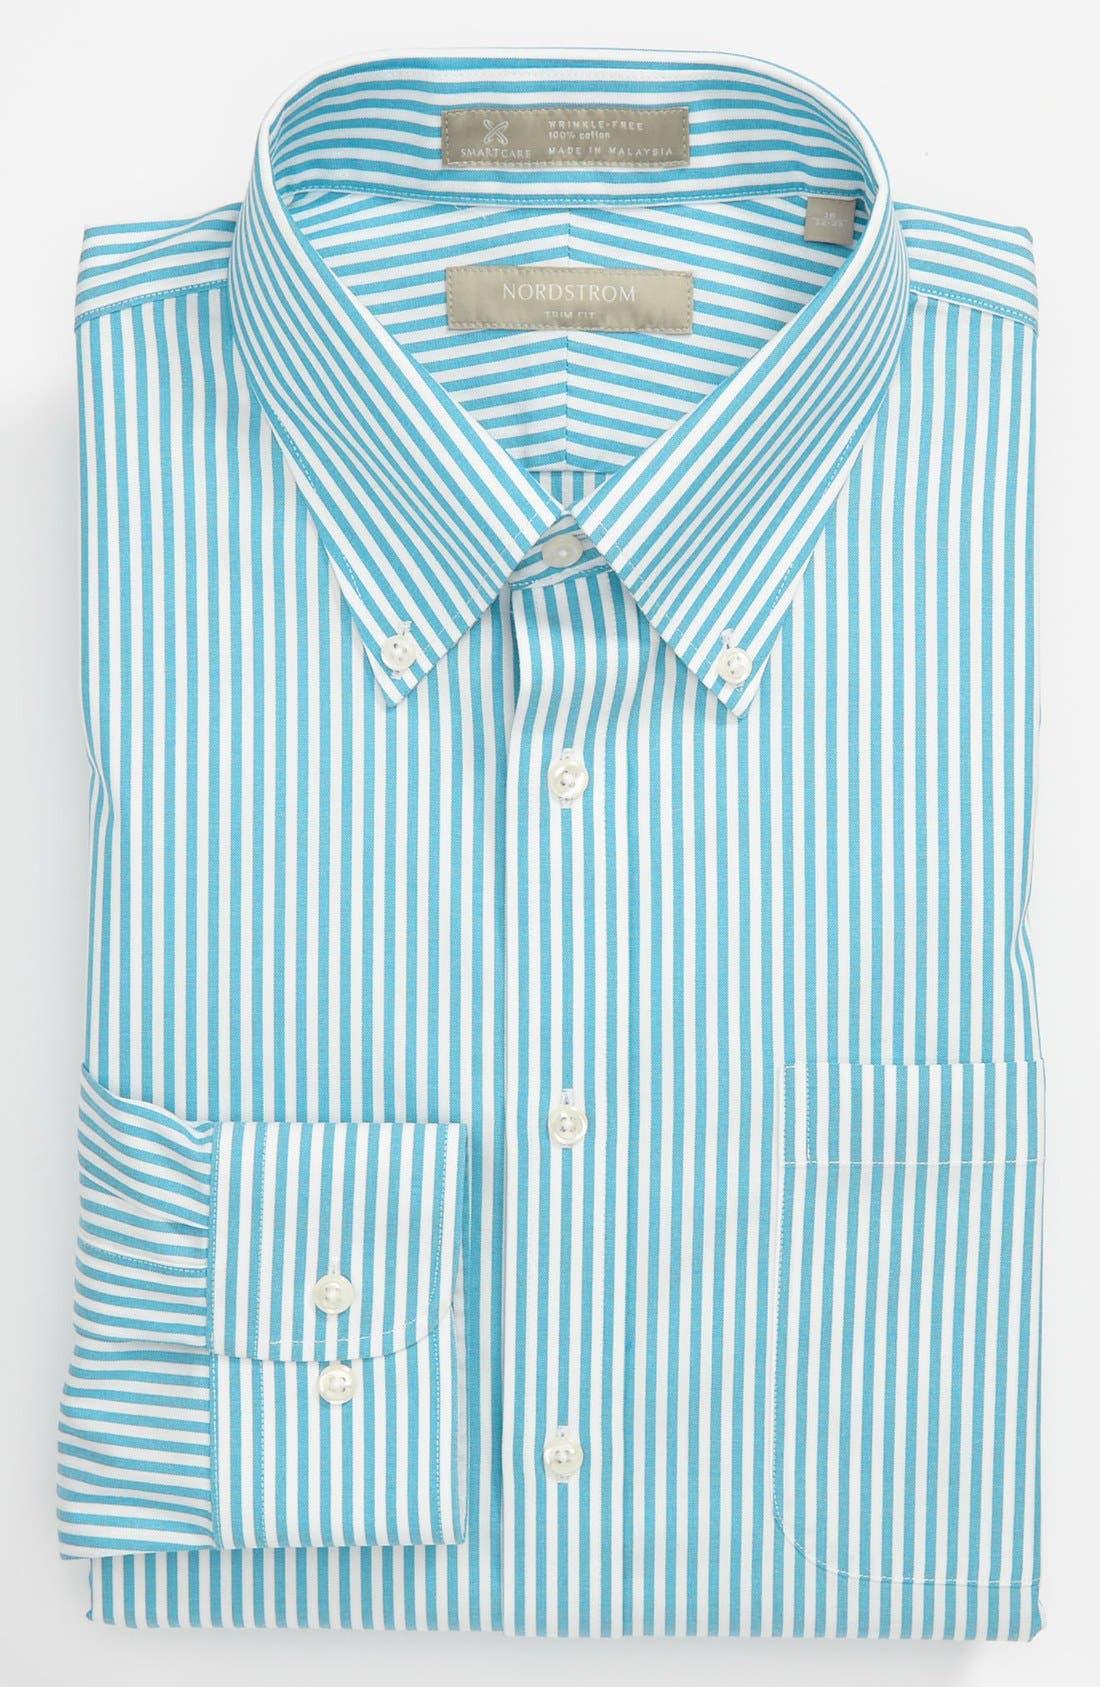 Main Image - Nordstrom Men's Shop Smartcare™ Wrinkle Free Trim Fit Stripe Dress Shirt